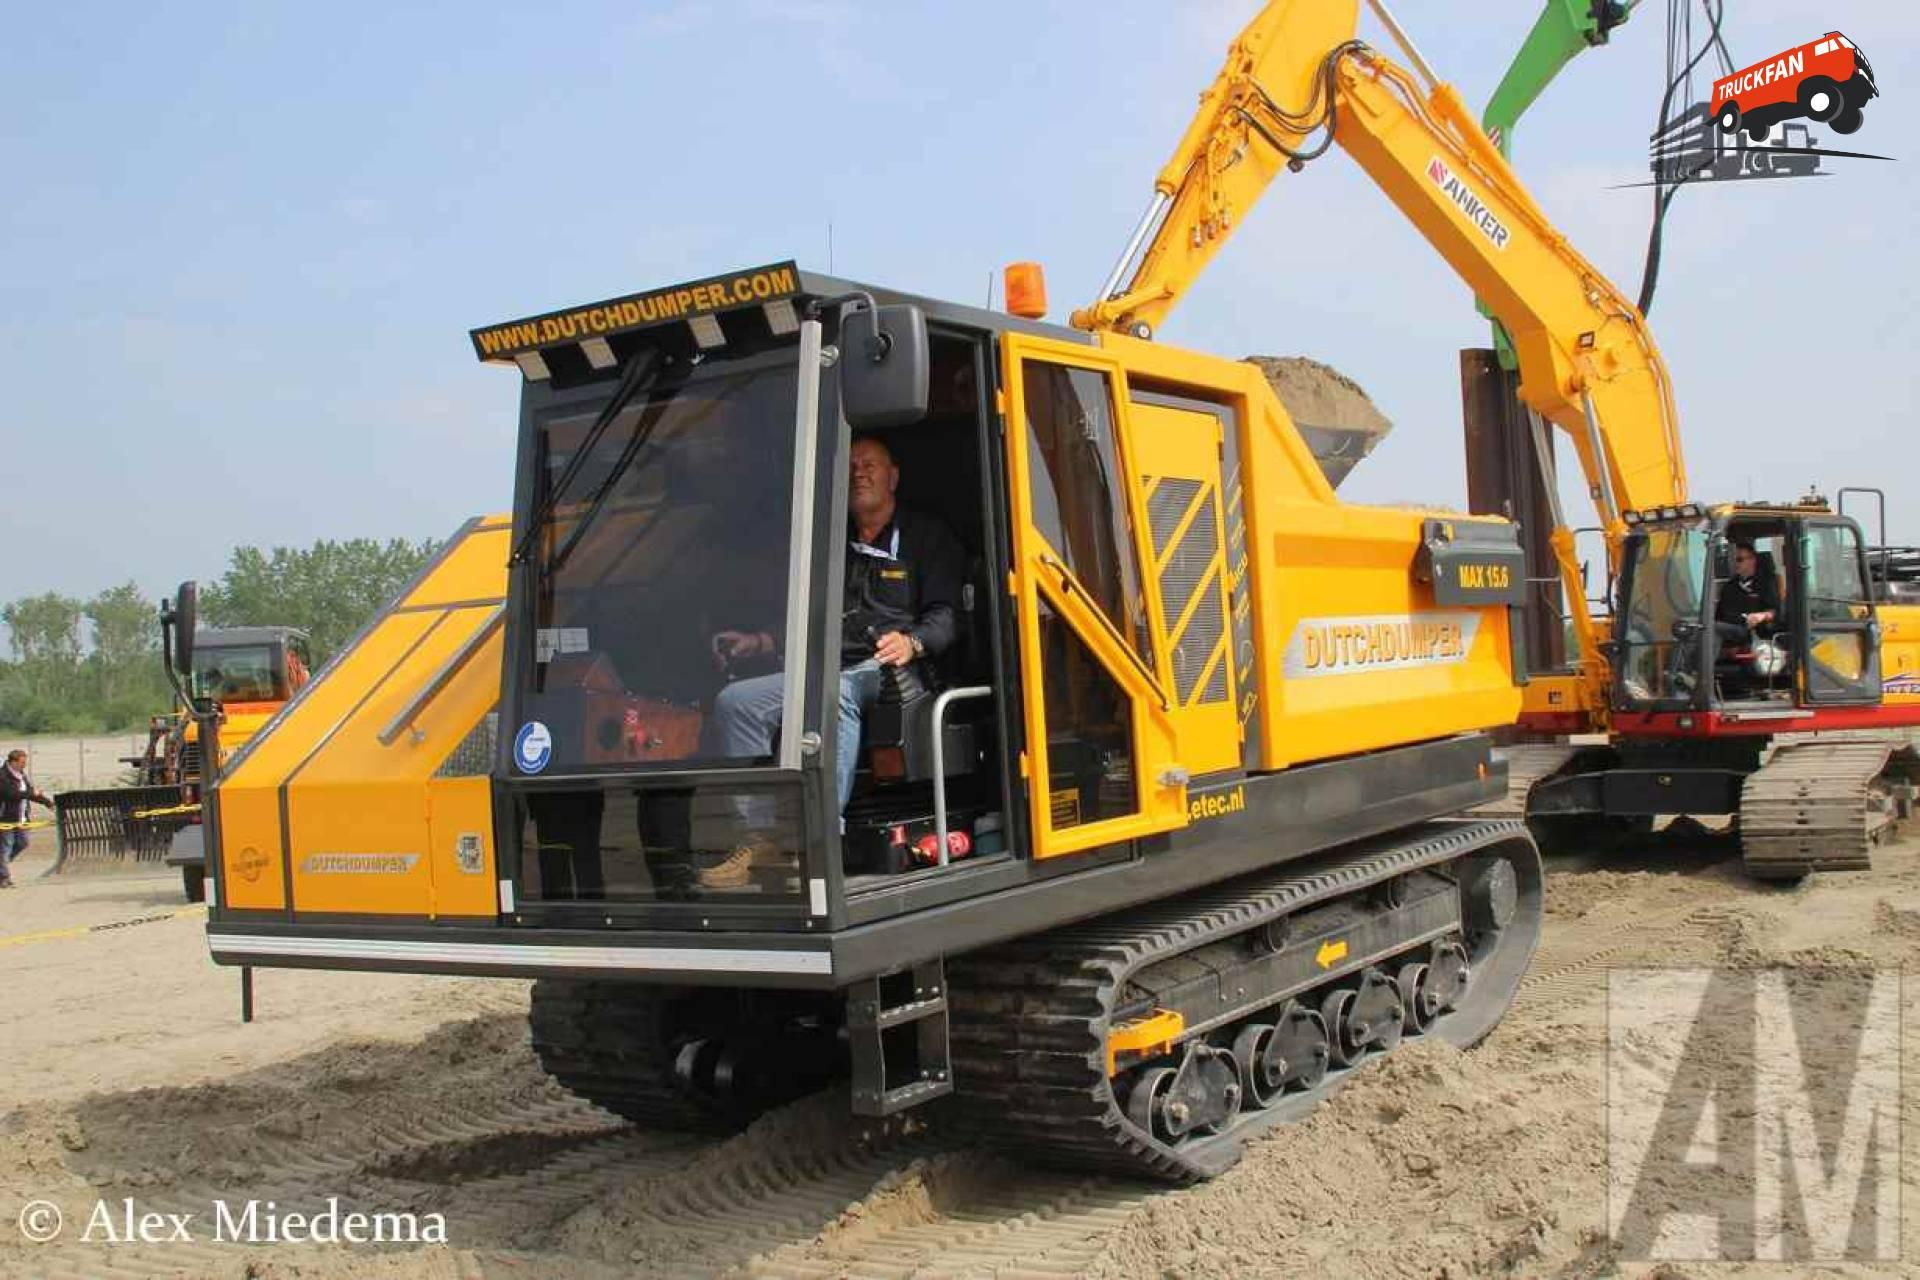 ETEC DutchDumper Max 15.6